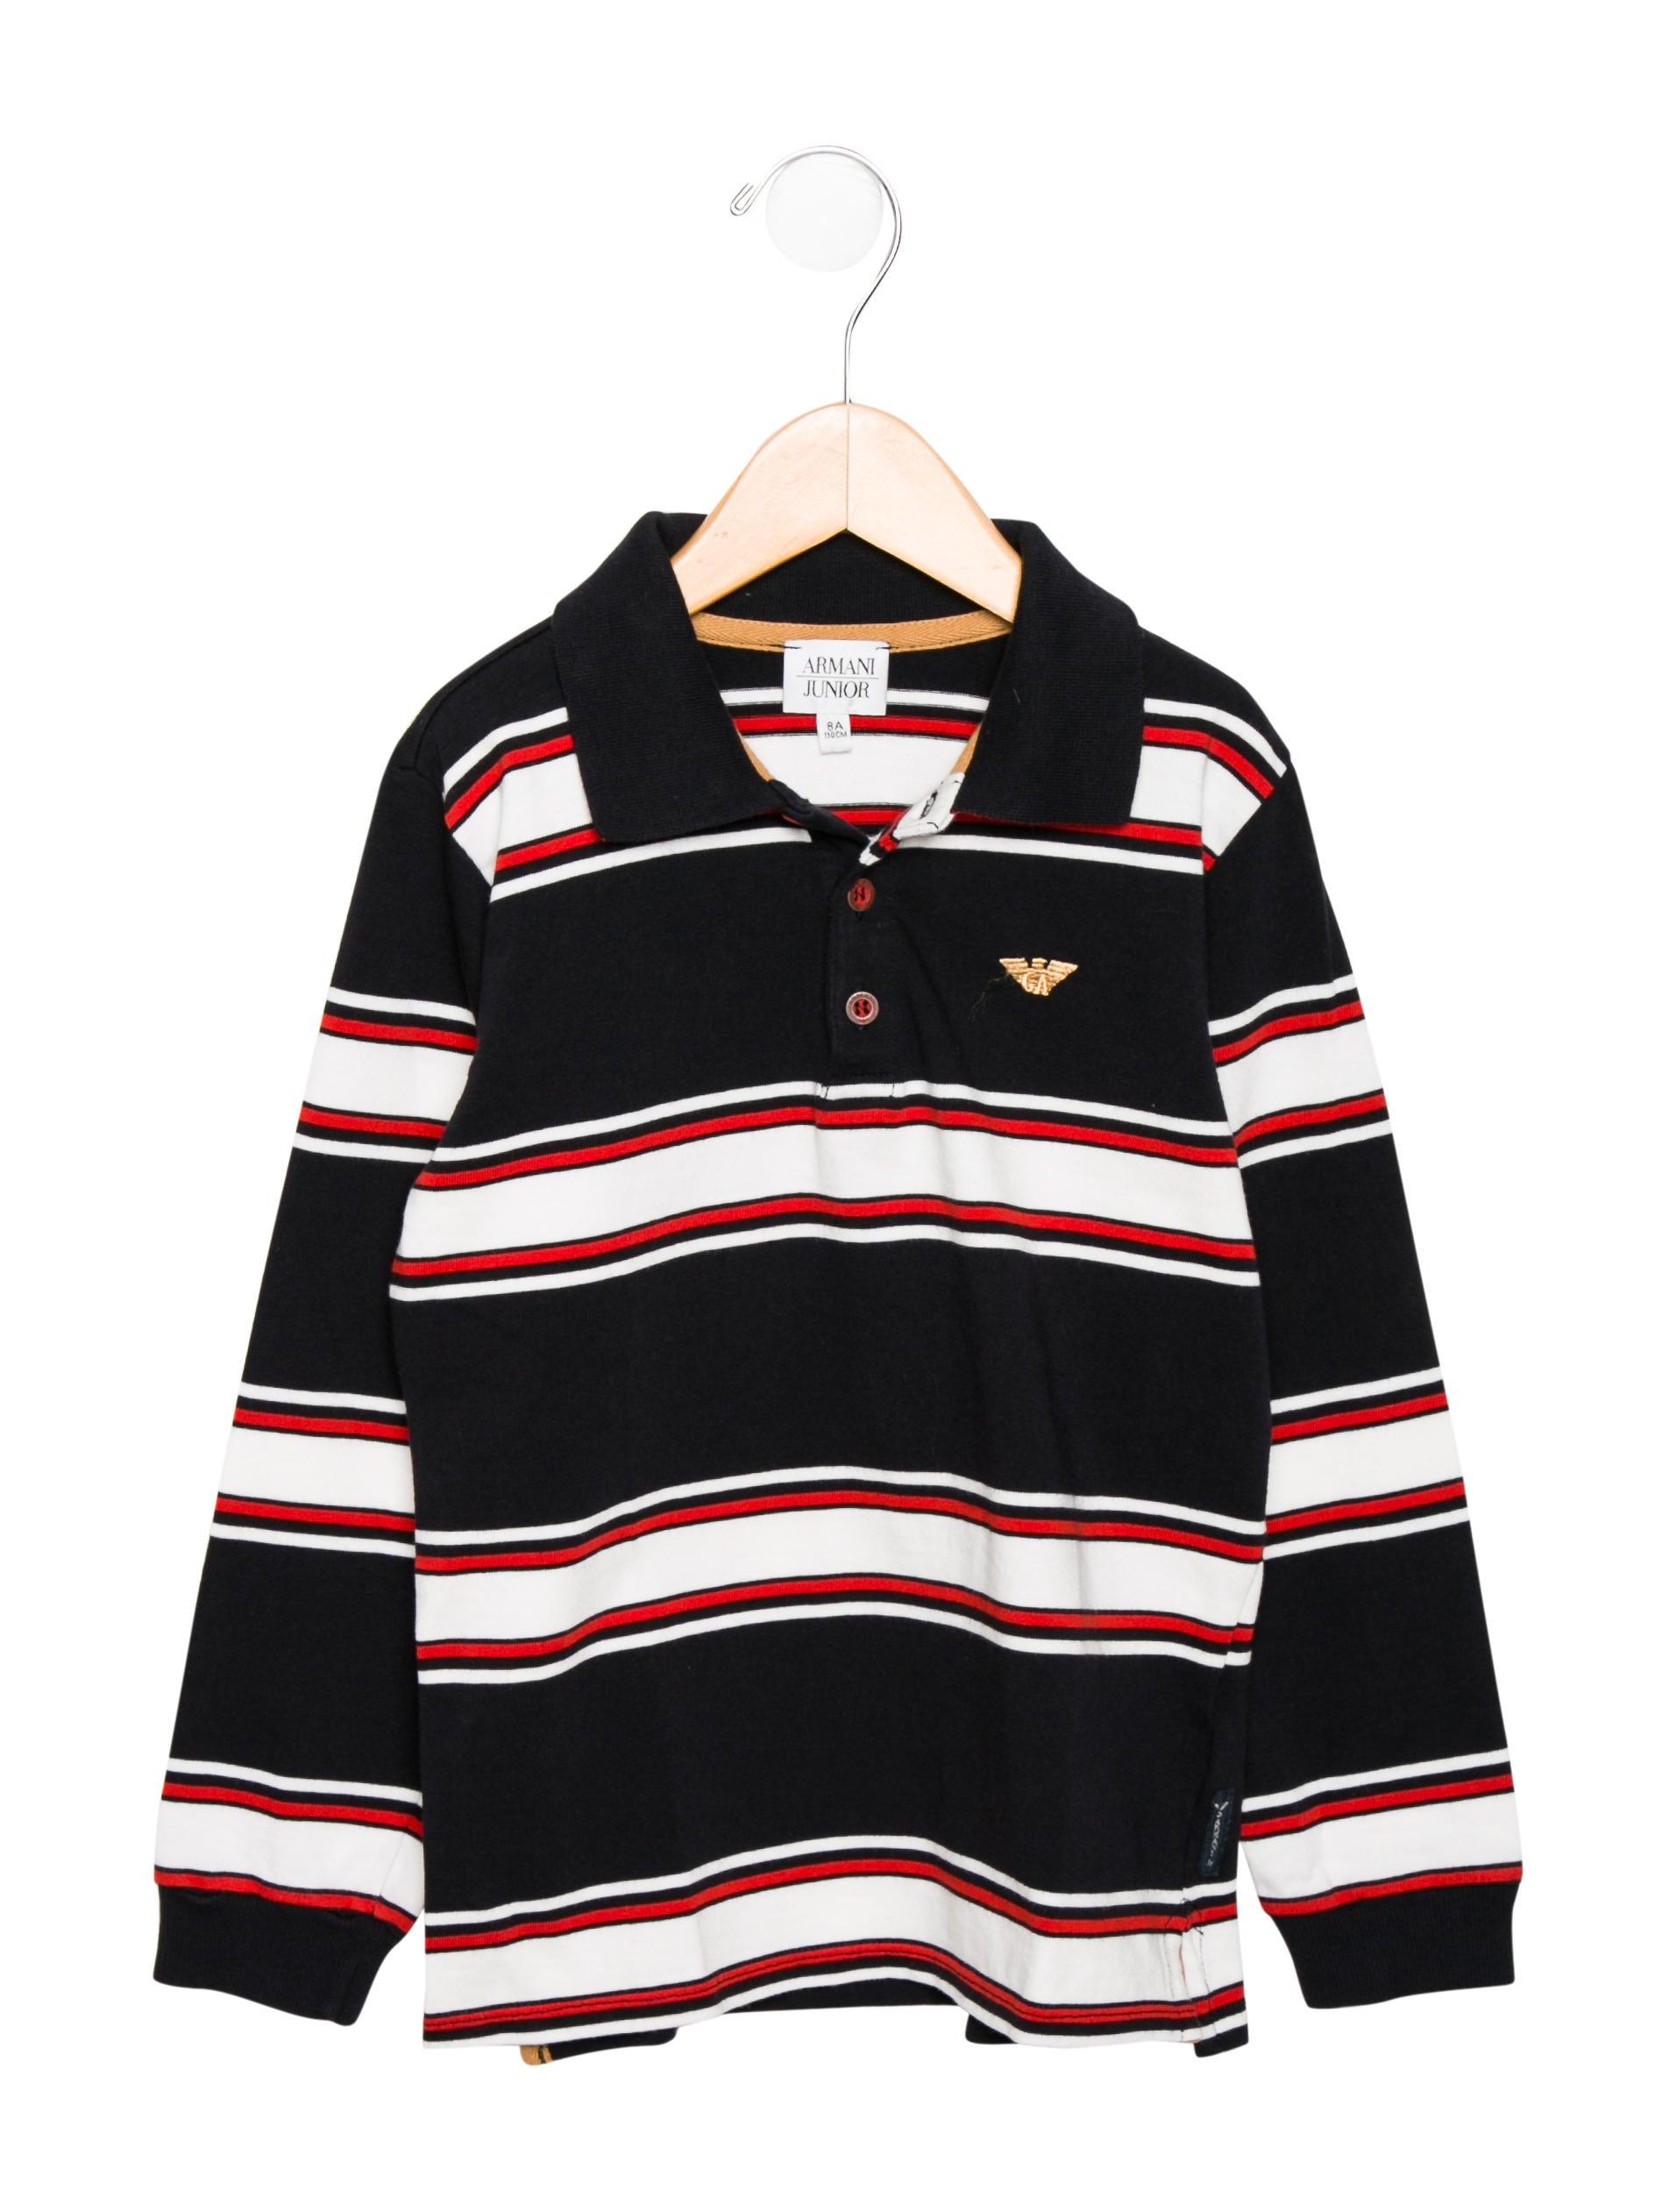 e637a5c5 Armani Junior Boys' Striped Polo Shirt - Boys - WAJUN21993 | The ...